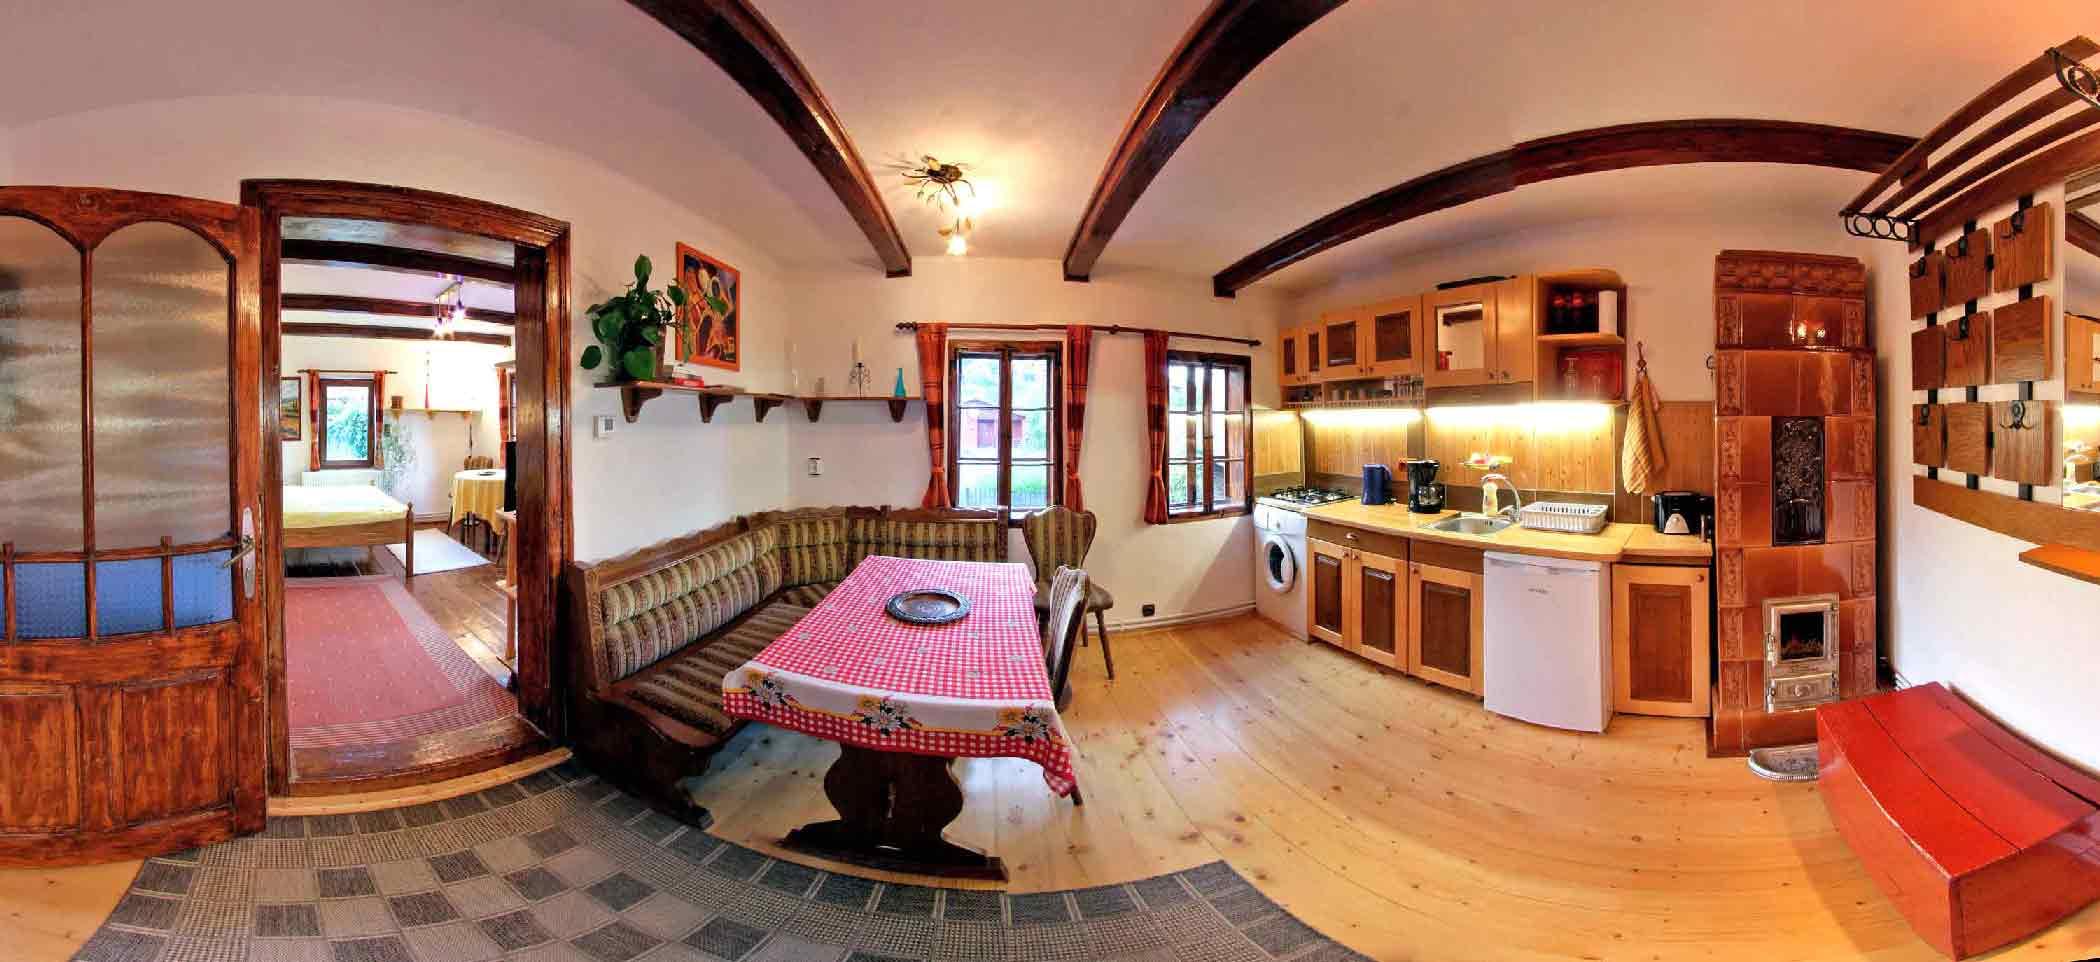 romania farmhouse cottage rental | couples & singles holidays to transylvania